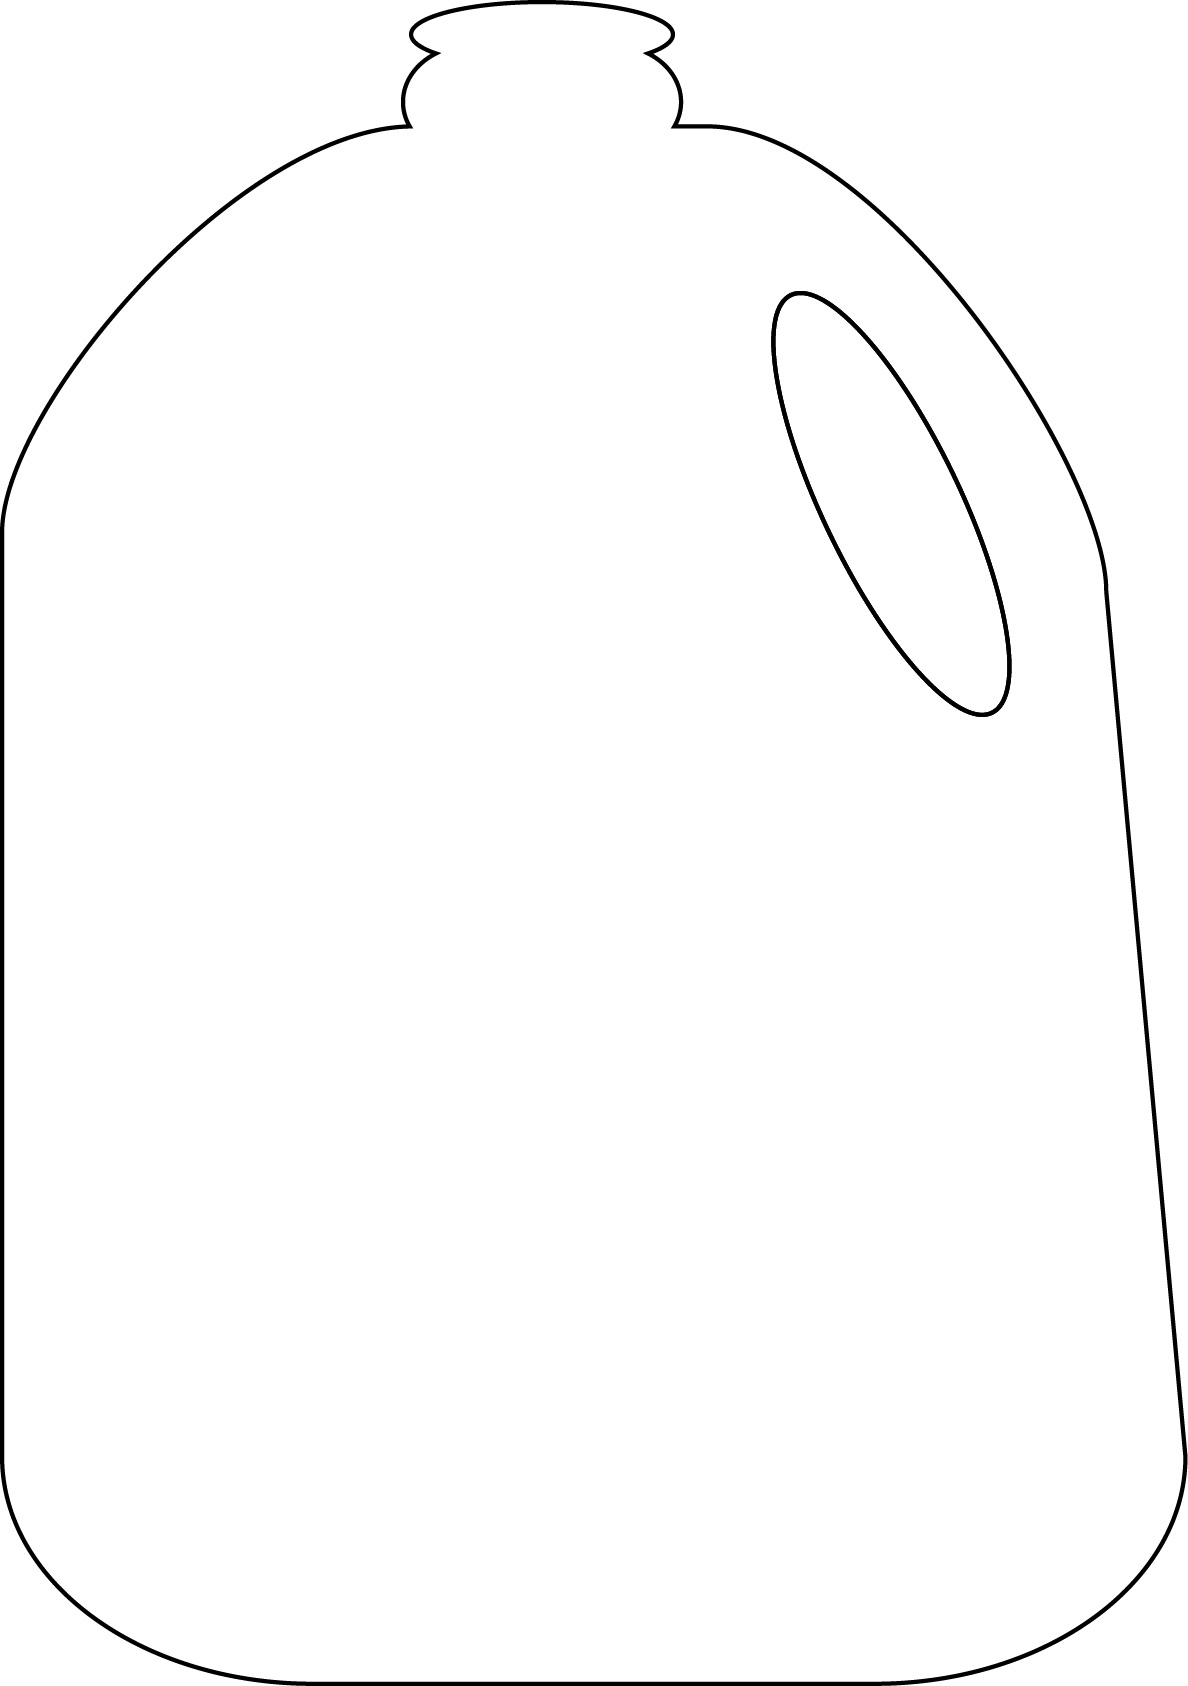 1188x1686 Gallon Milk Jug Clipart